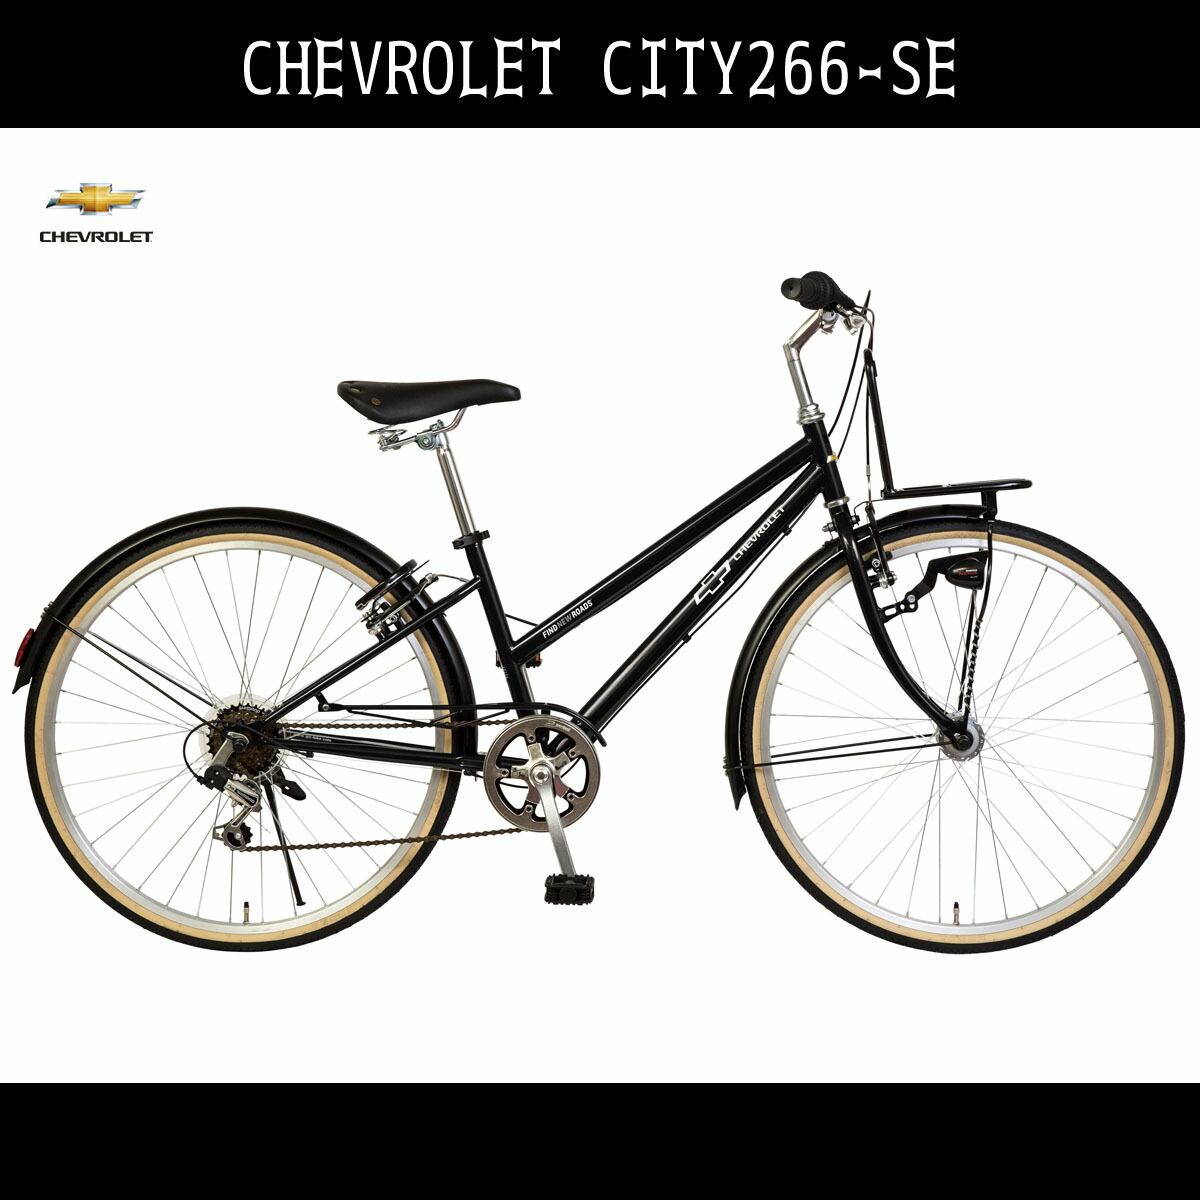 シティサイクル シボレー 自転車 シティクロスバイク シティサイクル ブラック 黒26インチ シティ車 外装6段変速ギア LEDオートライト 鍵付きの自転車 CHEVROLET CHEVY シェビー シボレー CITY266-SE シティクロスバイク